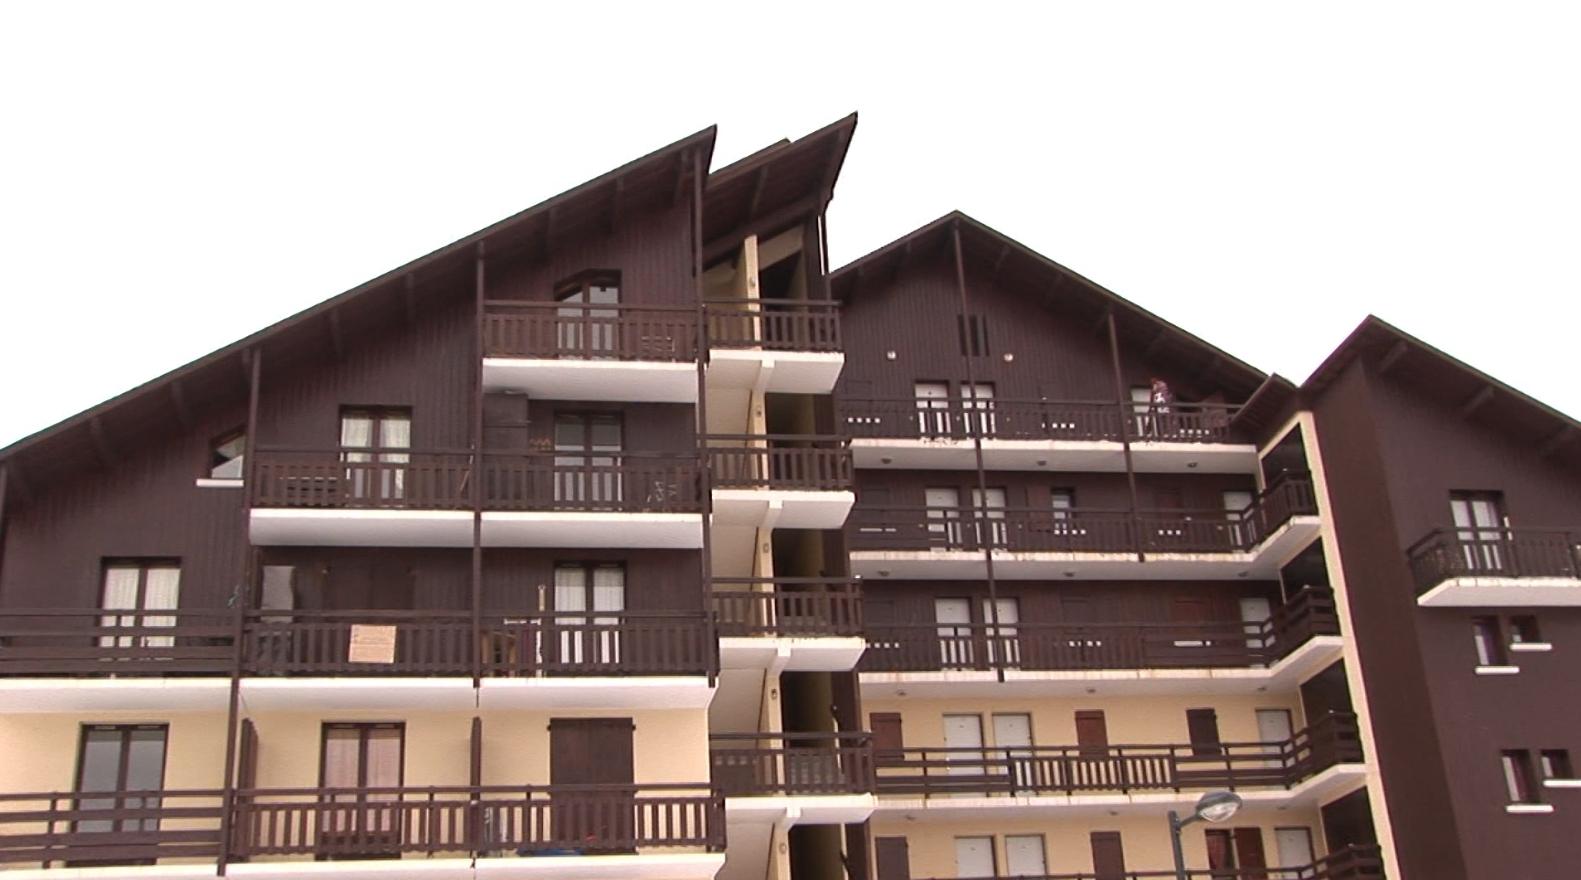 Location-vacance-Résidence de tourisme-Paca-HAUTES ALPES-Risoul